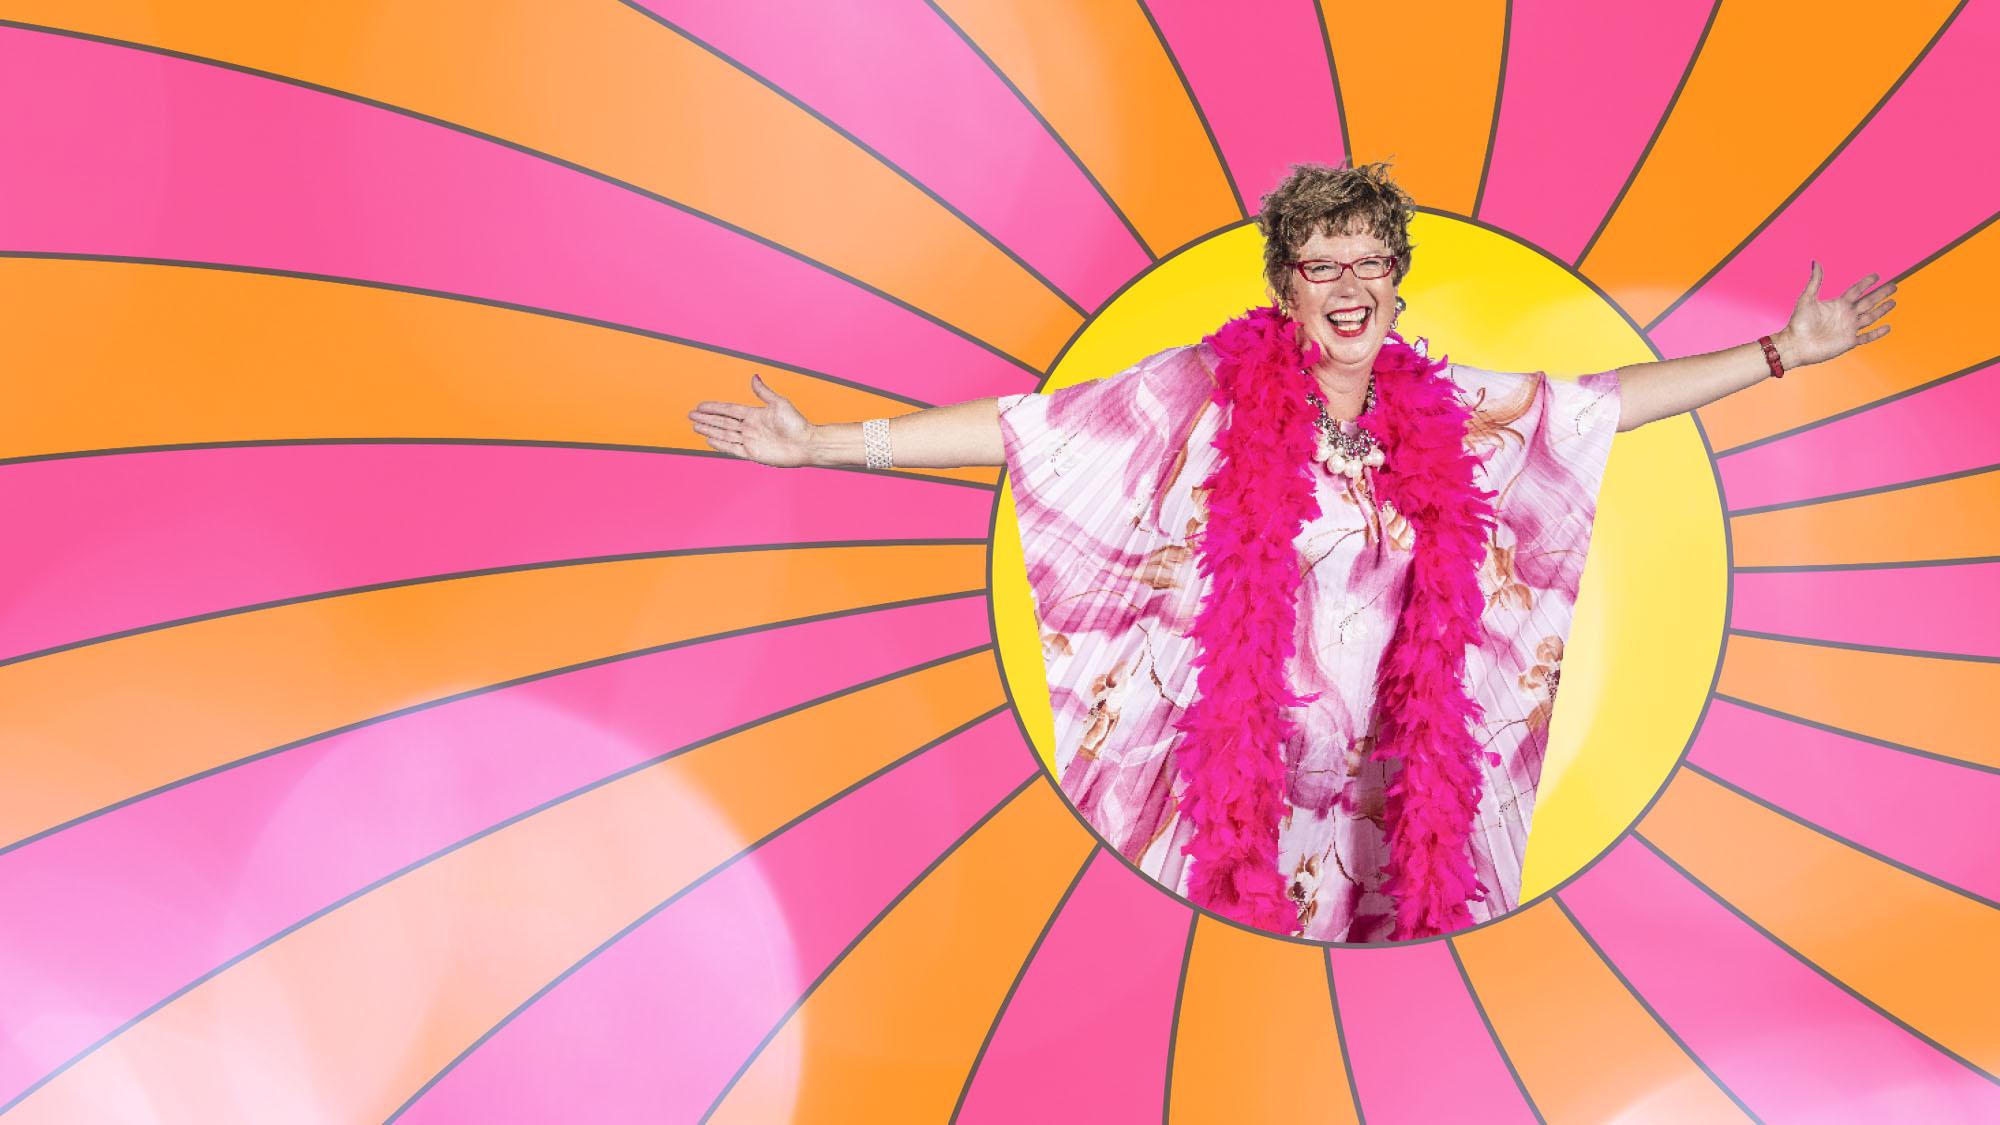 20 Nov: Lorraine Bowen's Polyester Fiesta